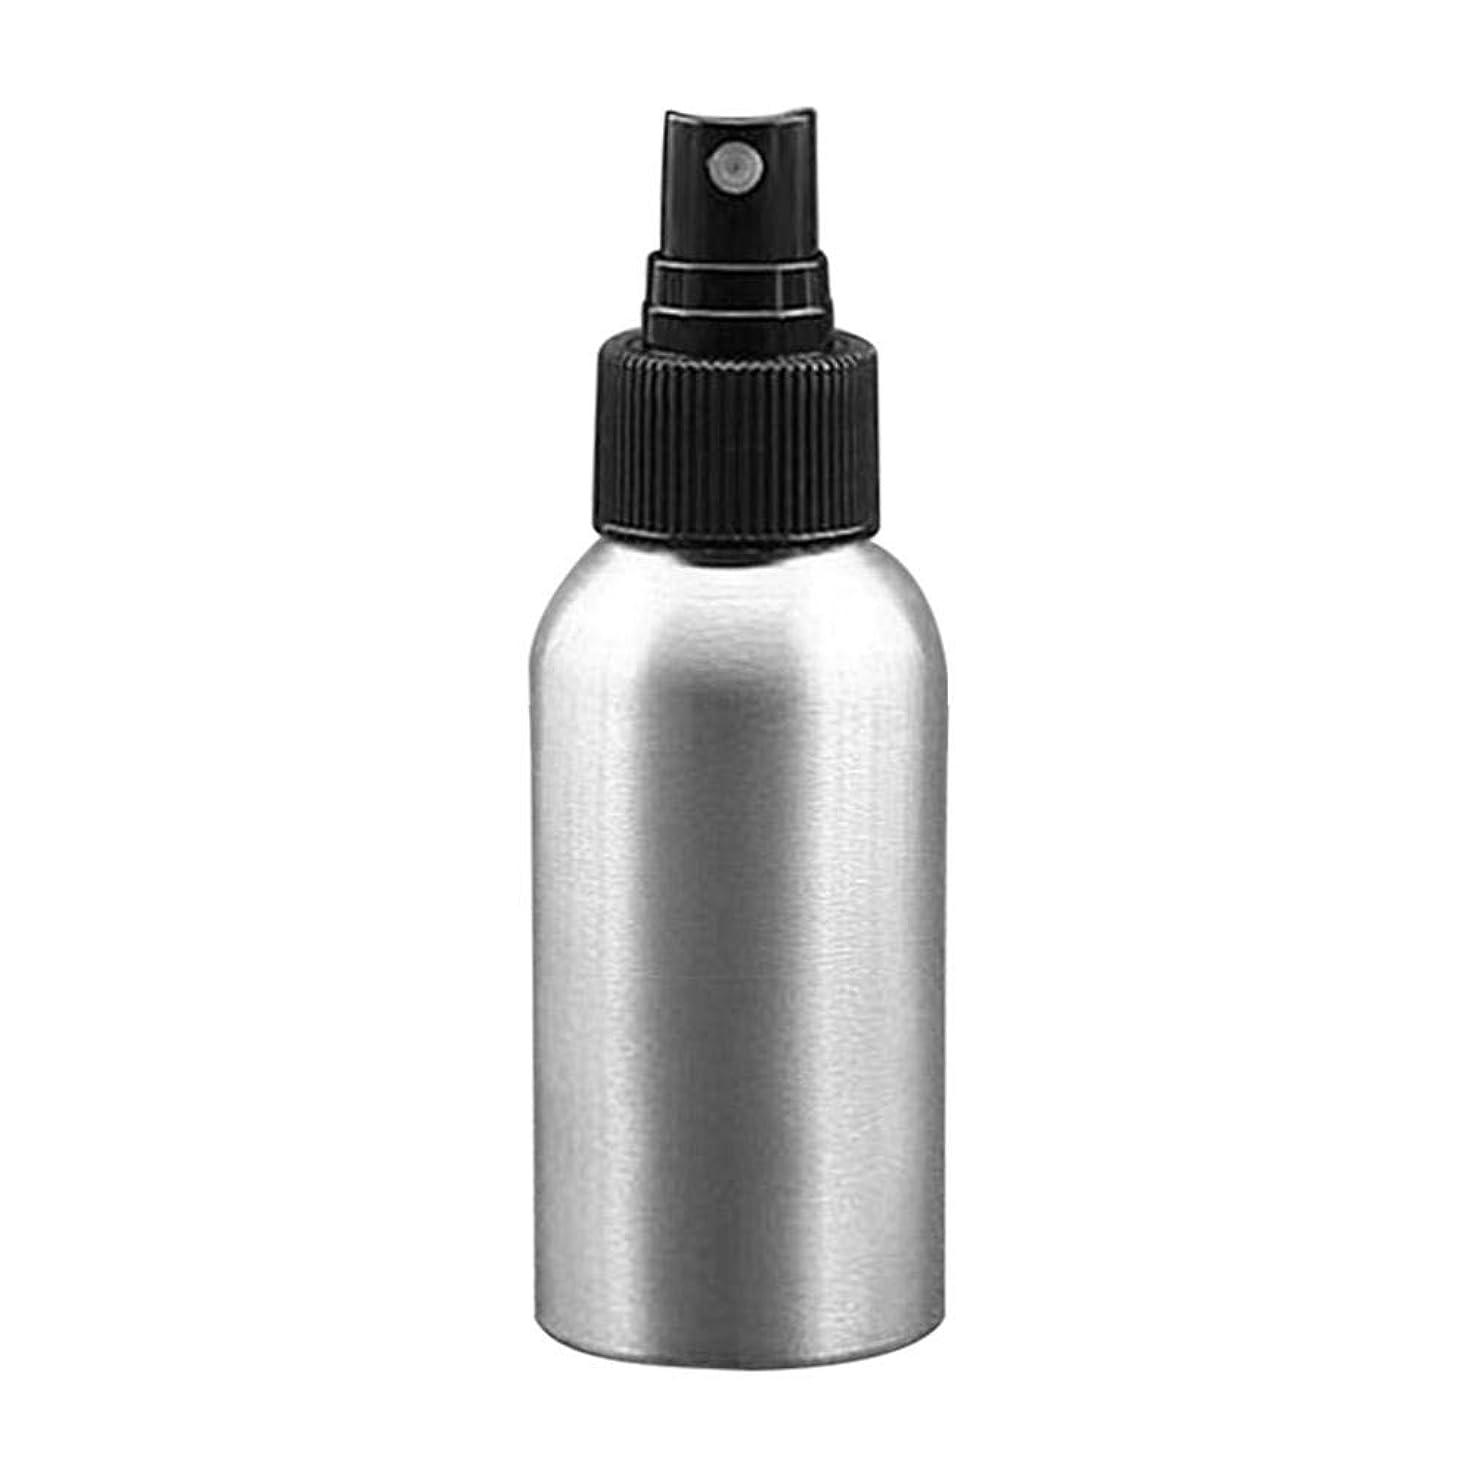 カーフ経済観光アルミスプレーボトル 小分けボトル トラベルボトル 美容ボトル 霧吹き ガラスボトル 漏れ防止 化粧水 美容液 遮光 化粧品ボトル おしゃれ 精製水 詰替ボトル 詰め替え ミニ 携帯便利 軽量 旅行用 アルミニウム